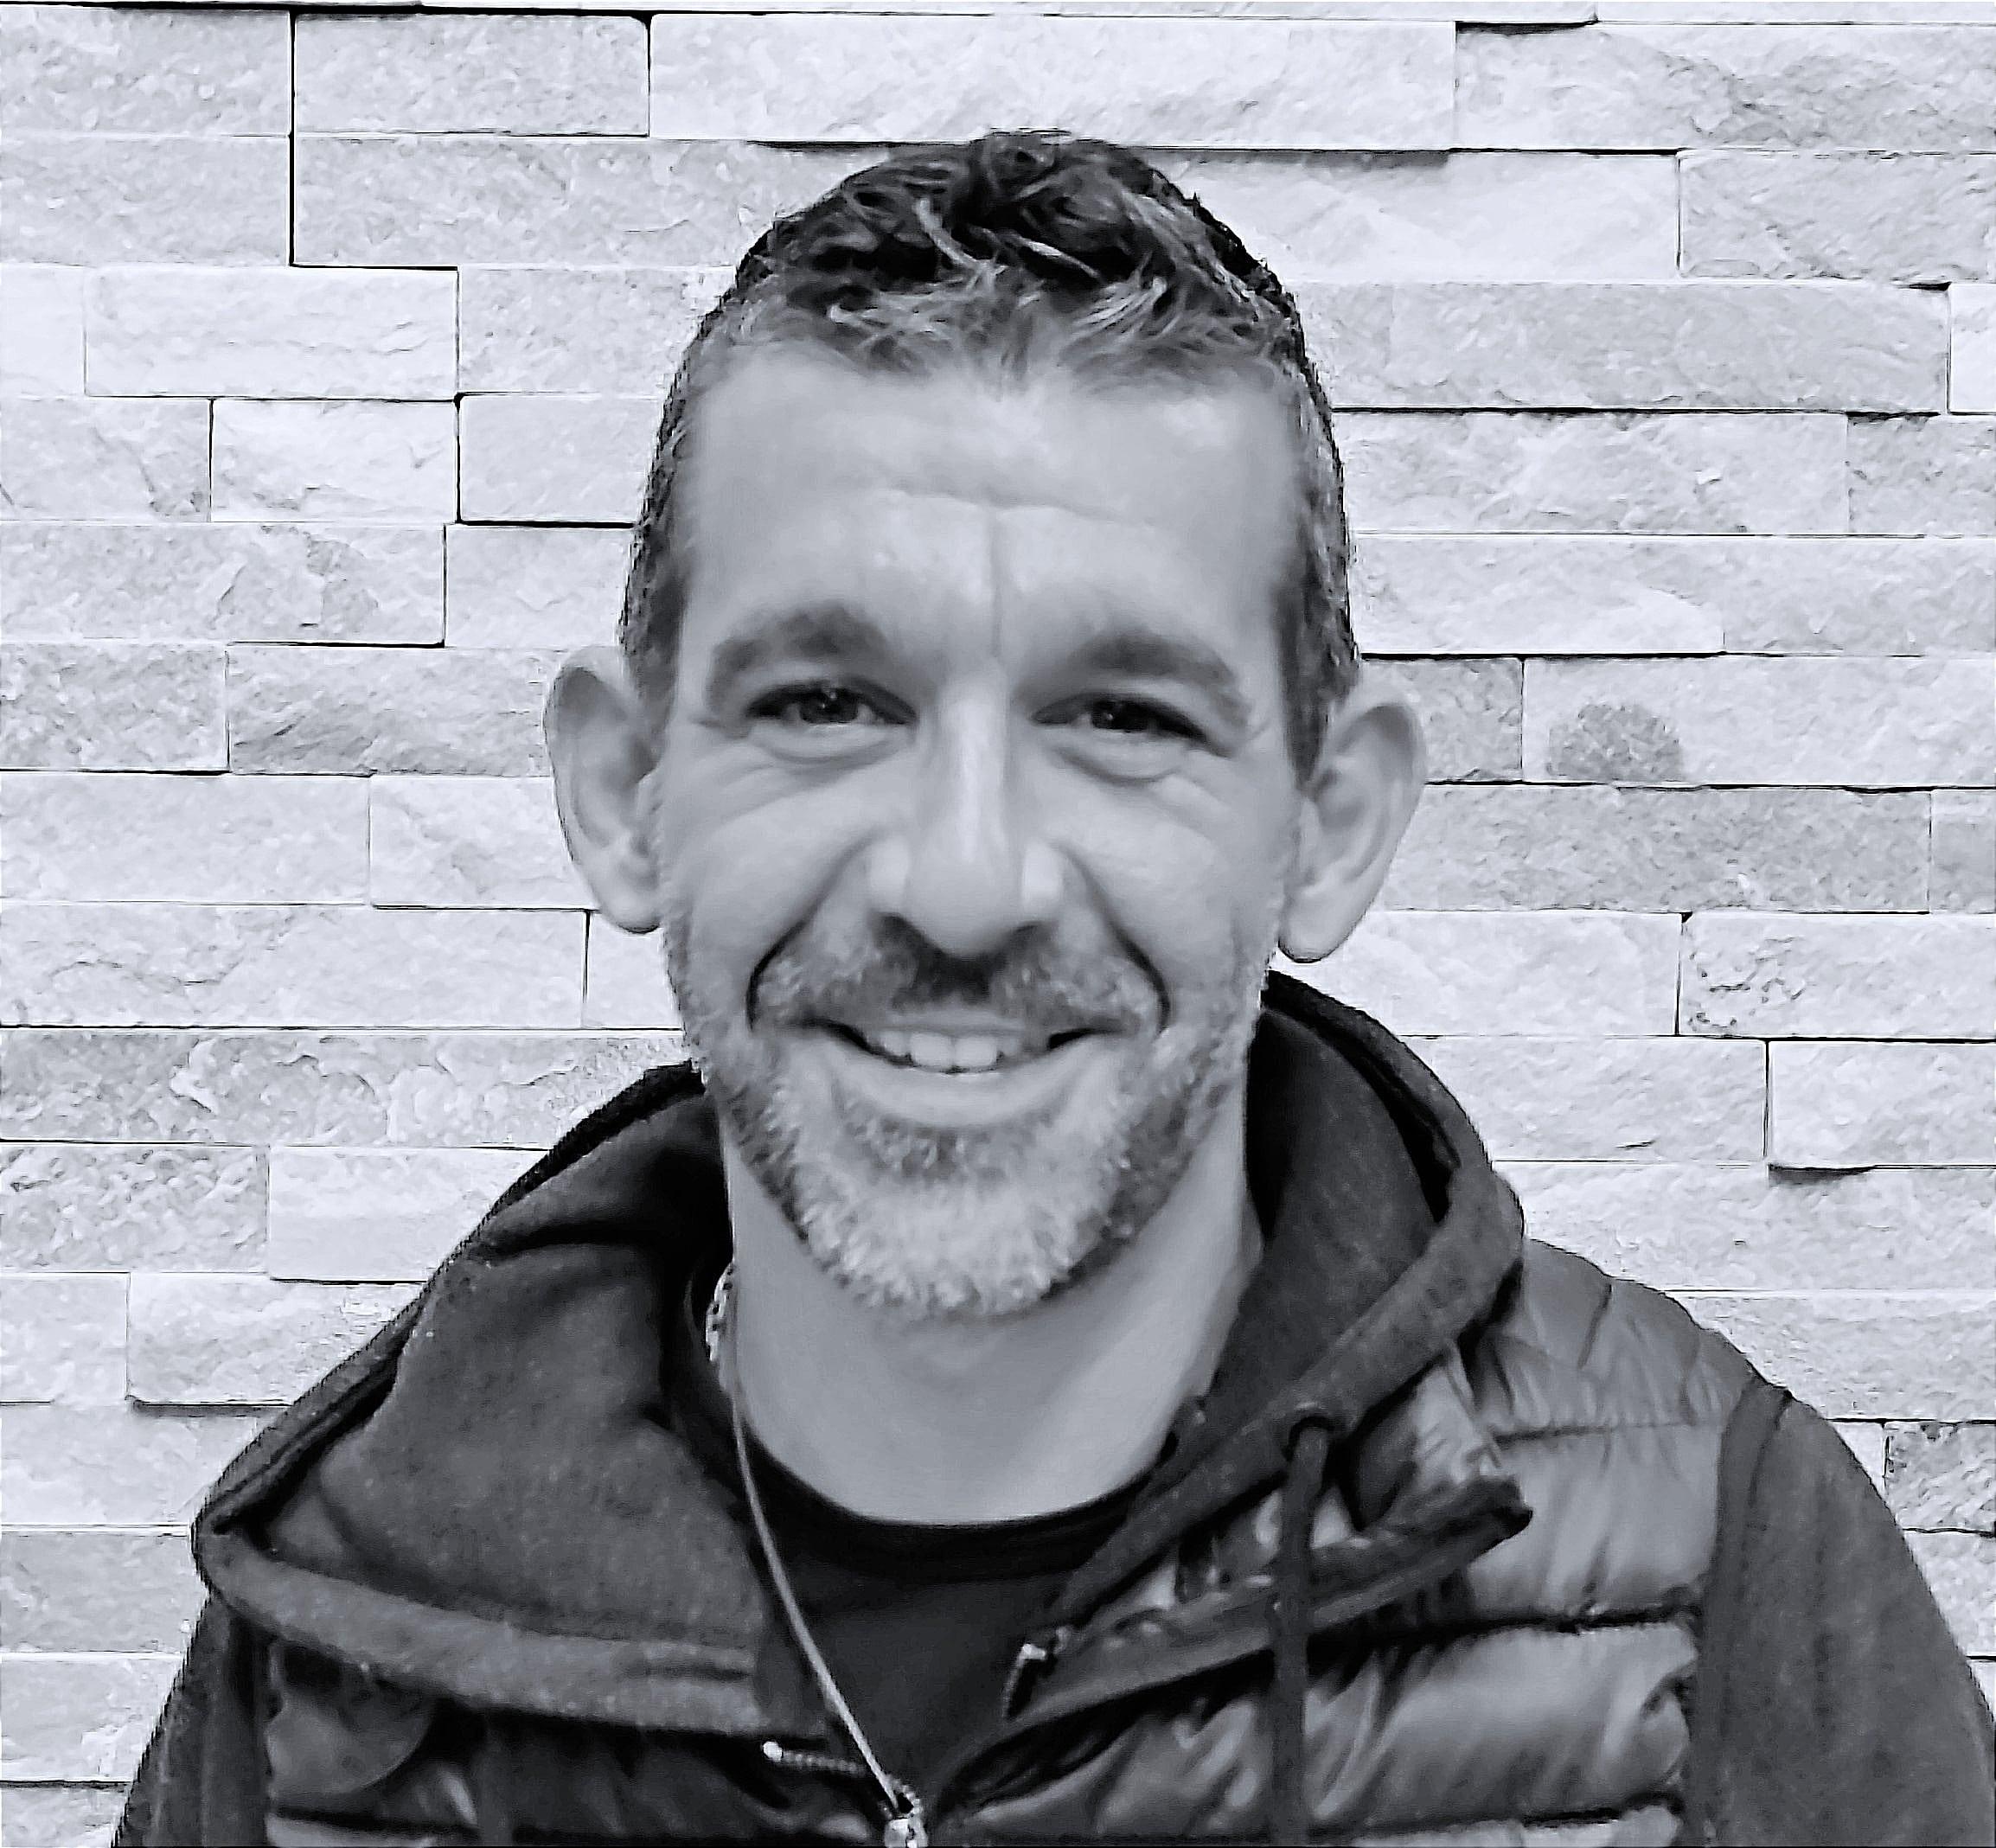 Nicolas Besozzi